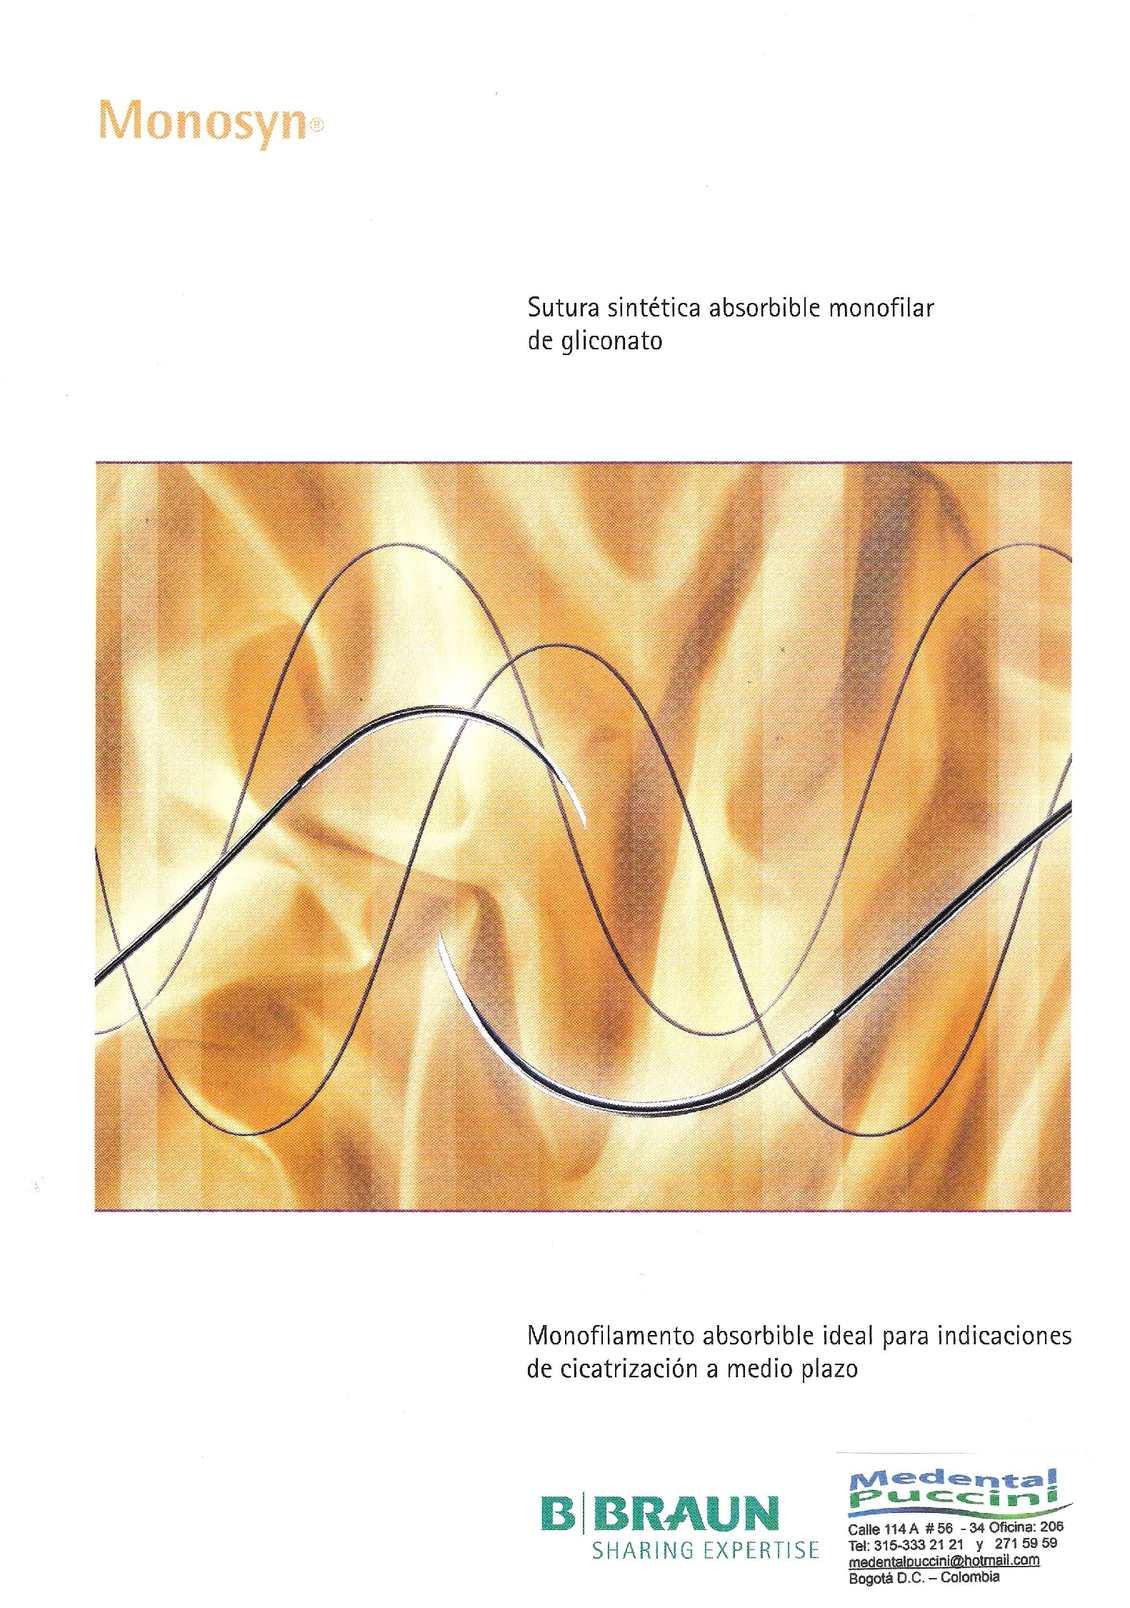 SUTURA MONOSYN  Absorbible Monofilamento